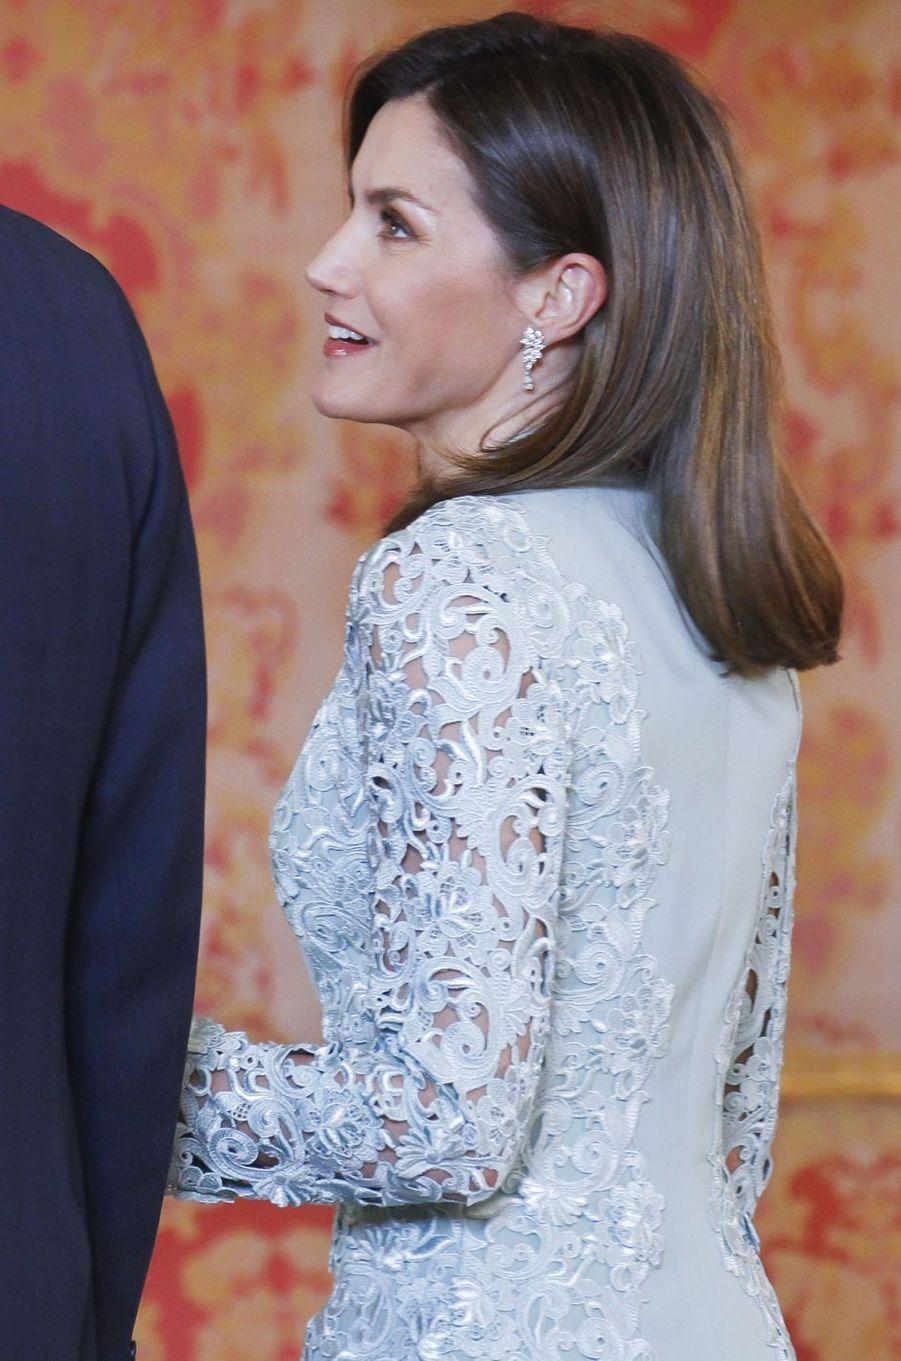 Les boucles d'oreille de la reine Letizia d'Espagne à Madrid, le 20 avril 2018